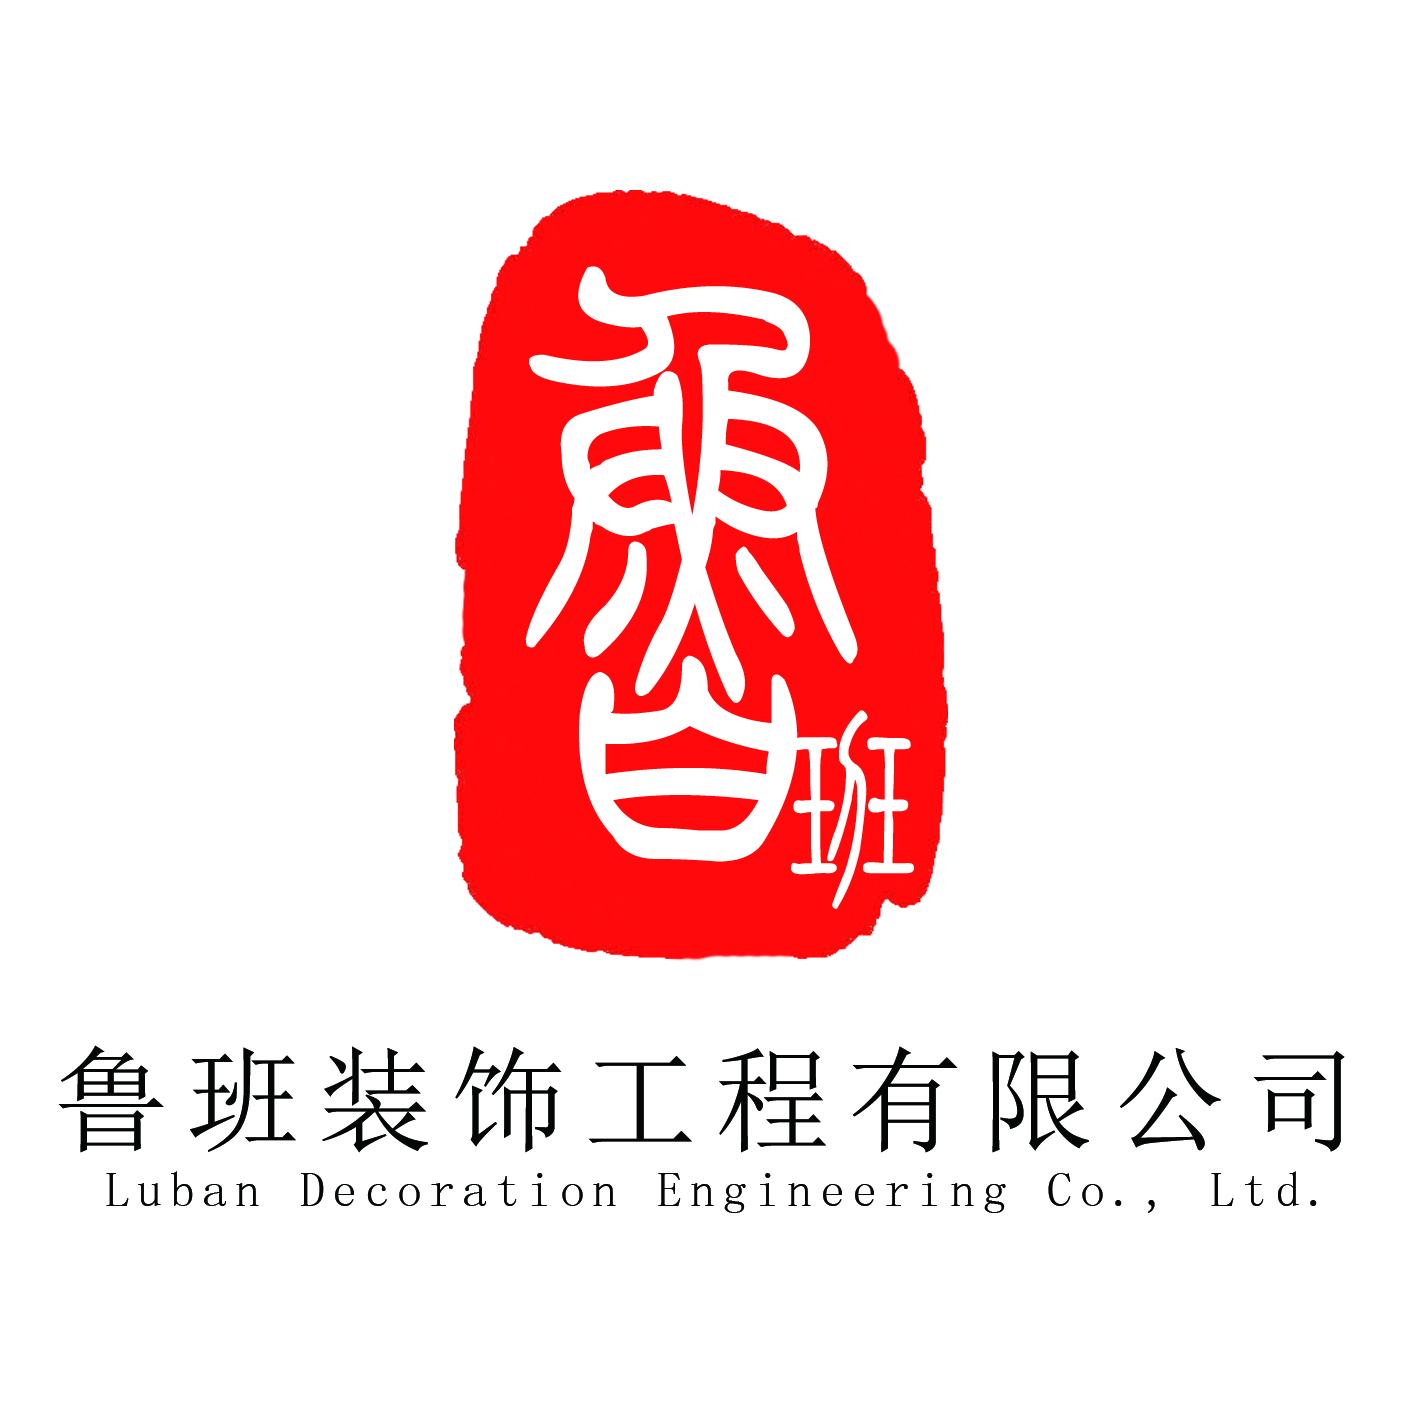 宁夏鲁班华府装饰工程有限公司